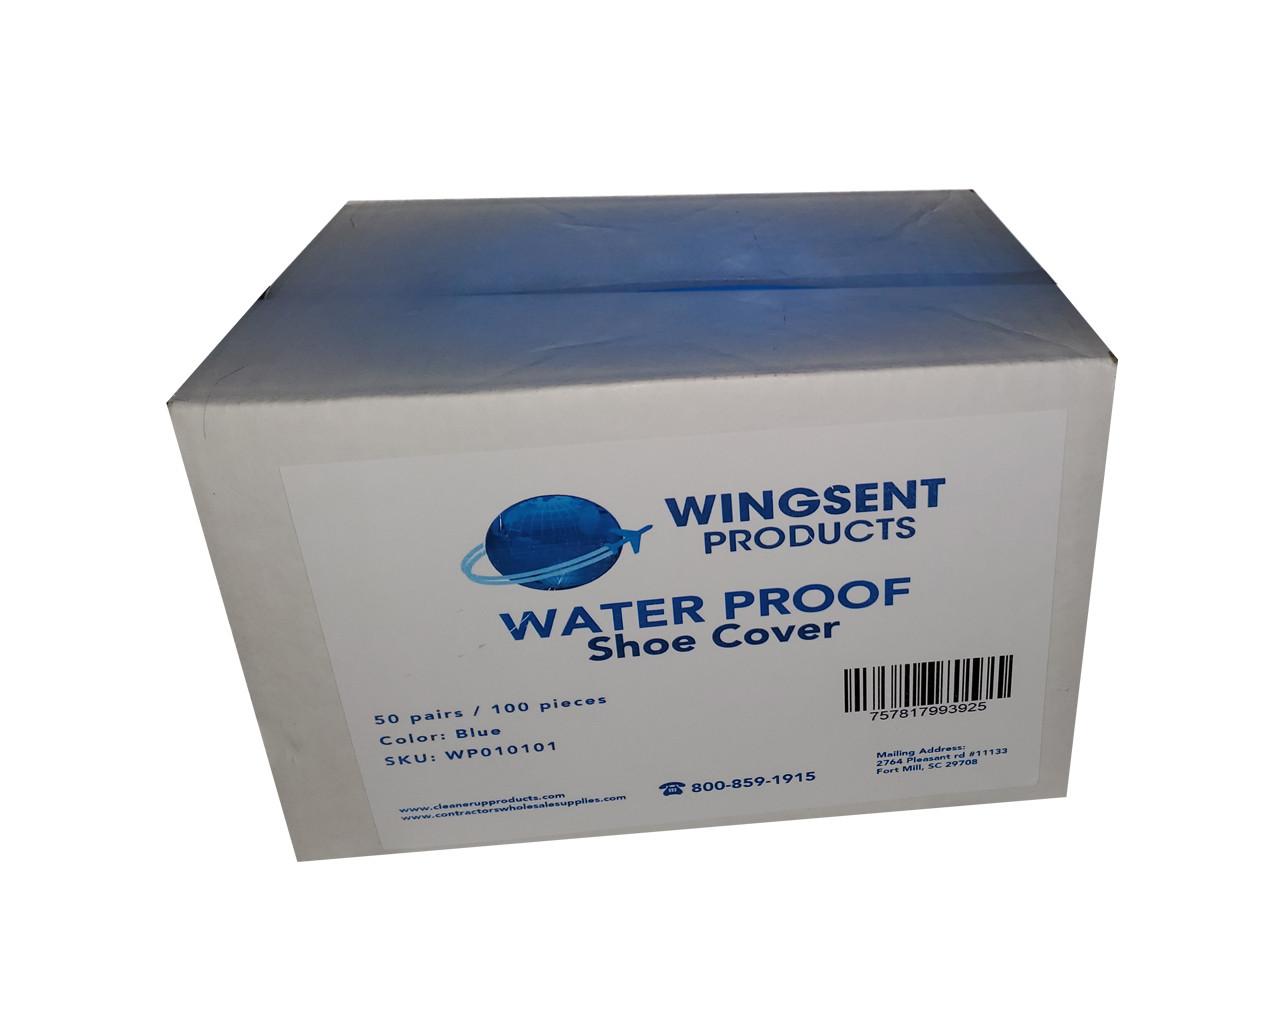 Wingsent Waterproof Shoe Covers 50 pairs